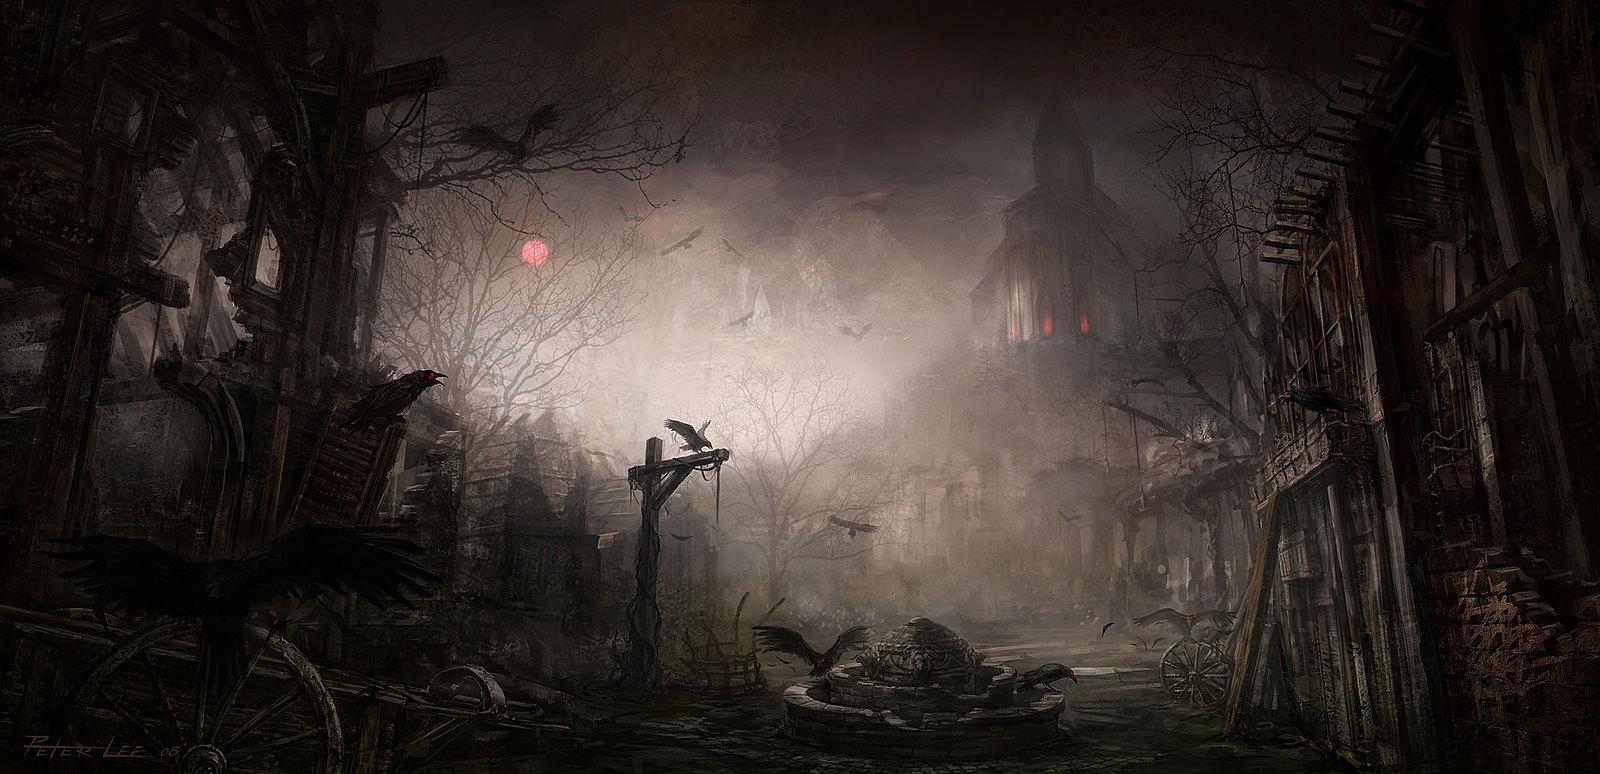 《暗黑破坏神3》第一章任务流程攻略